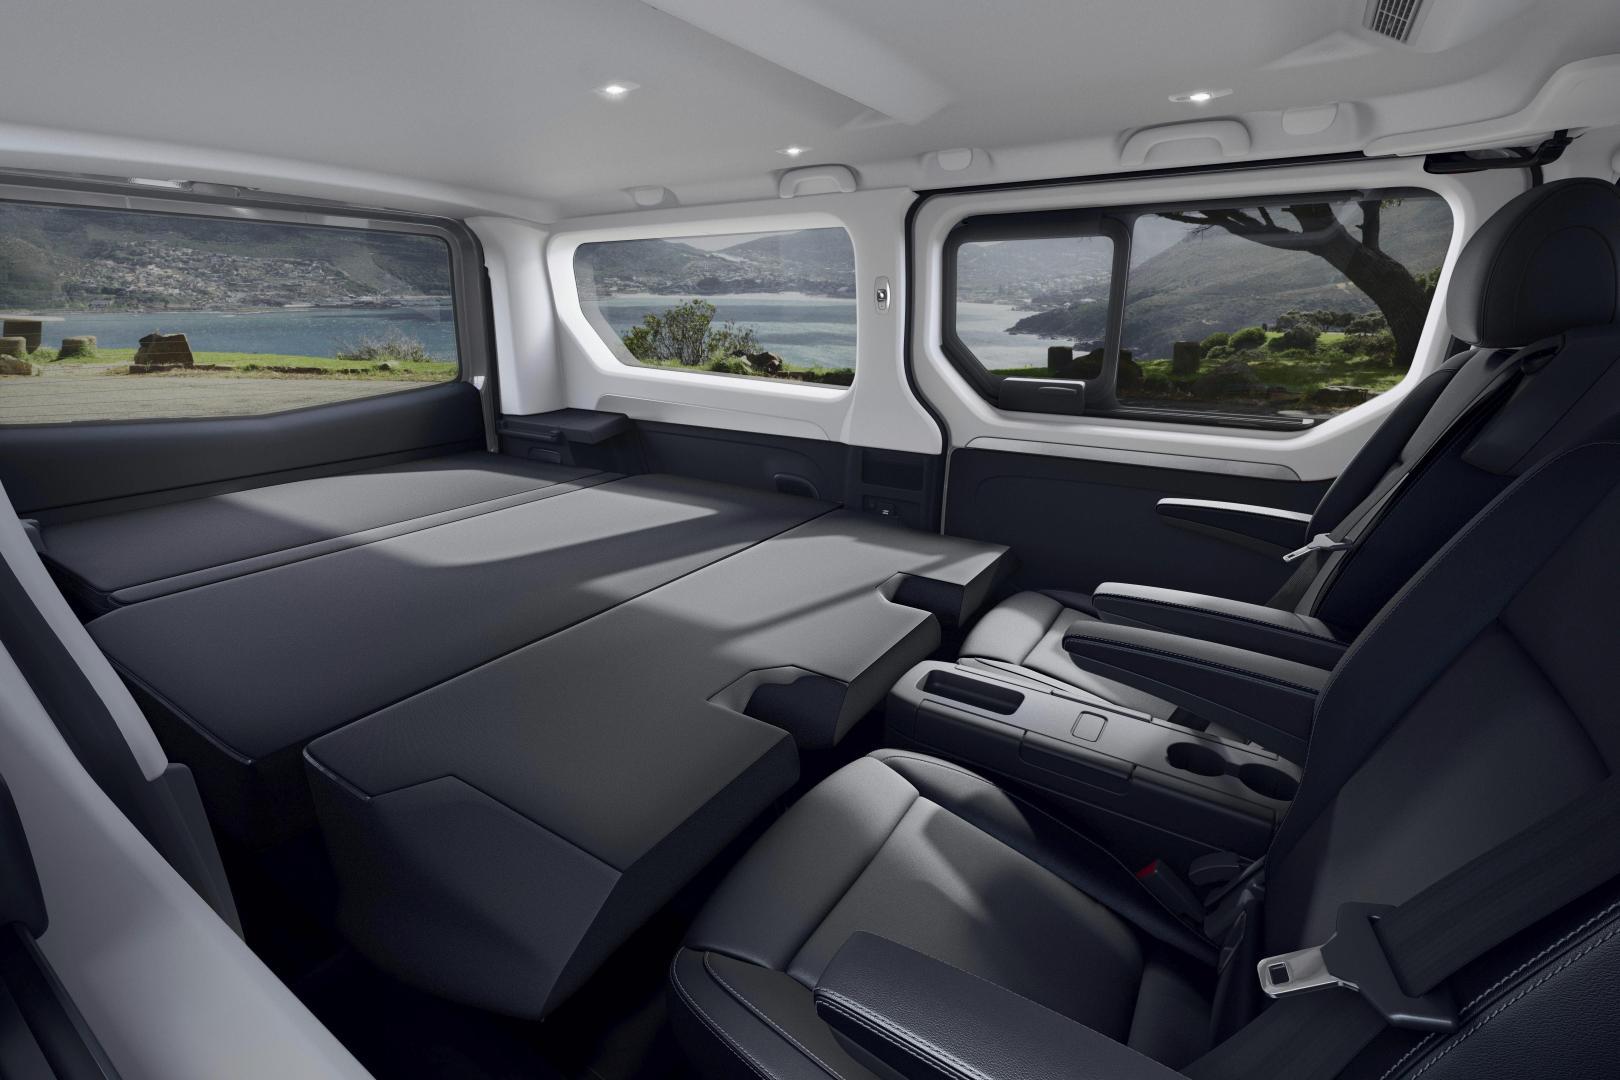 Renault TRAFIC Combi SpaceClass Escapade Paket Autohaus Schouren